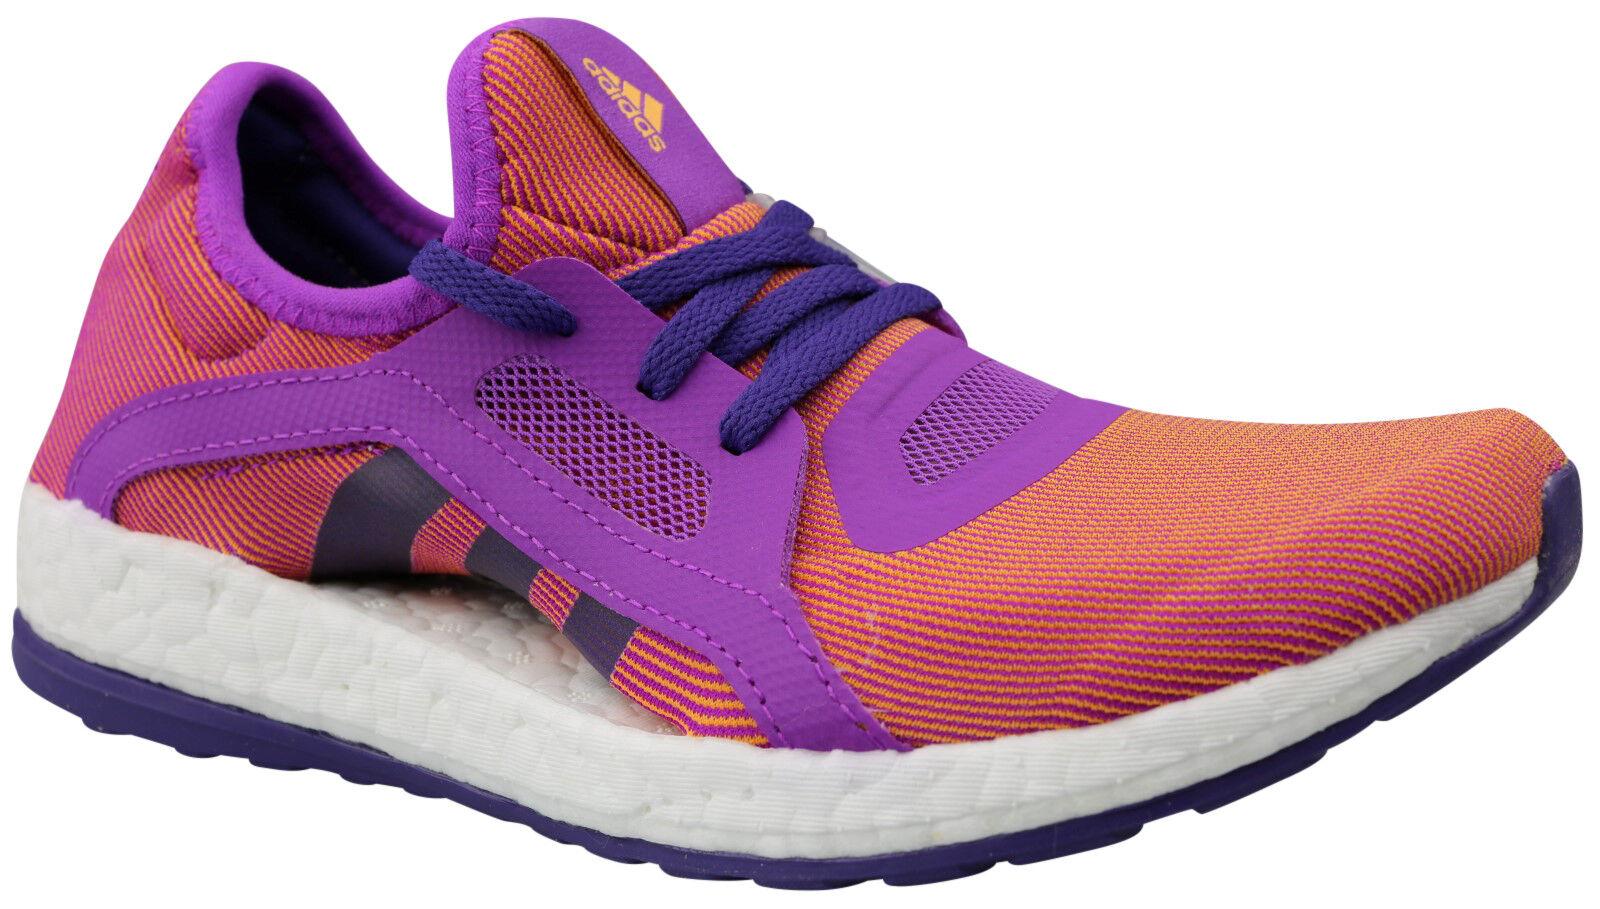 Adidas Pure Boost X X X Pureboost Turnschuhe Schuhe Damen Gr 36 - 38,5 AQ6012 NEU & OVP    Ruf zuerst  c61d47